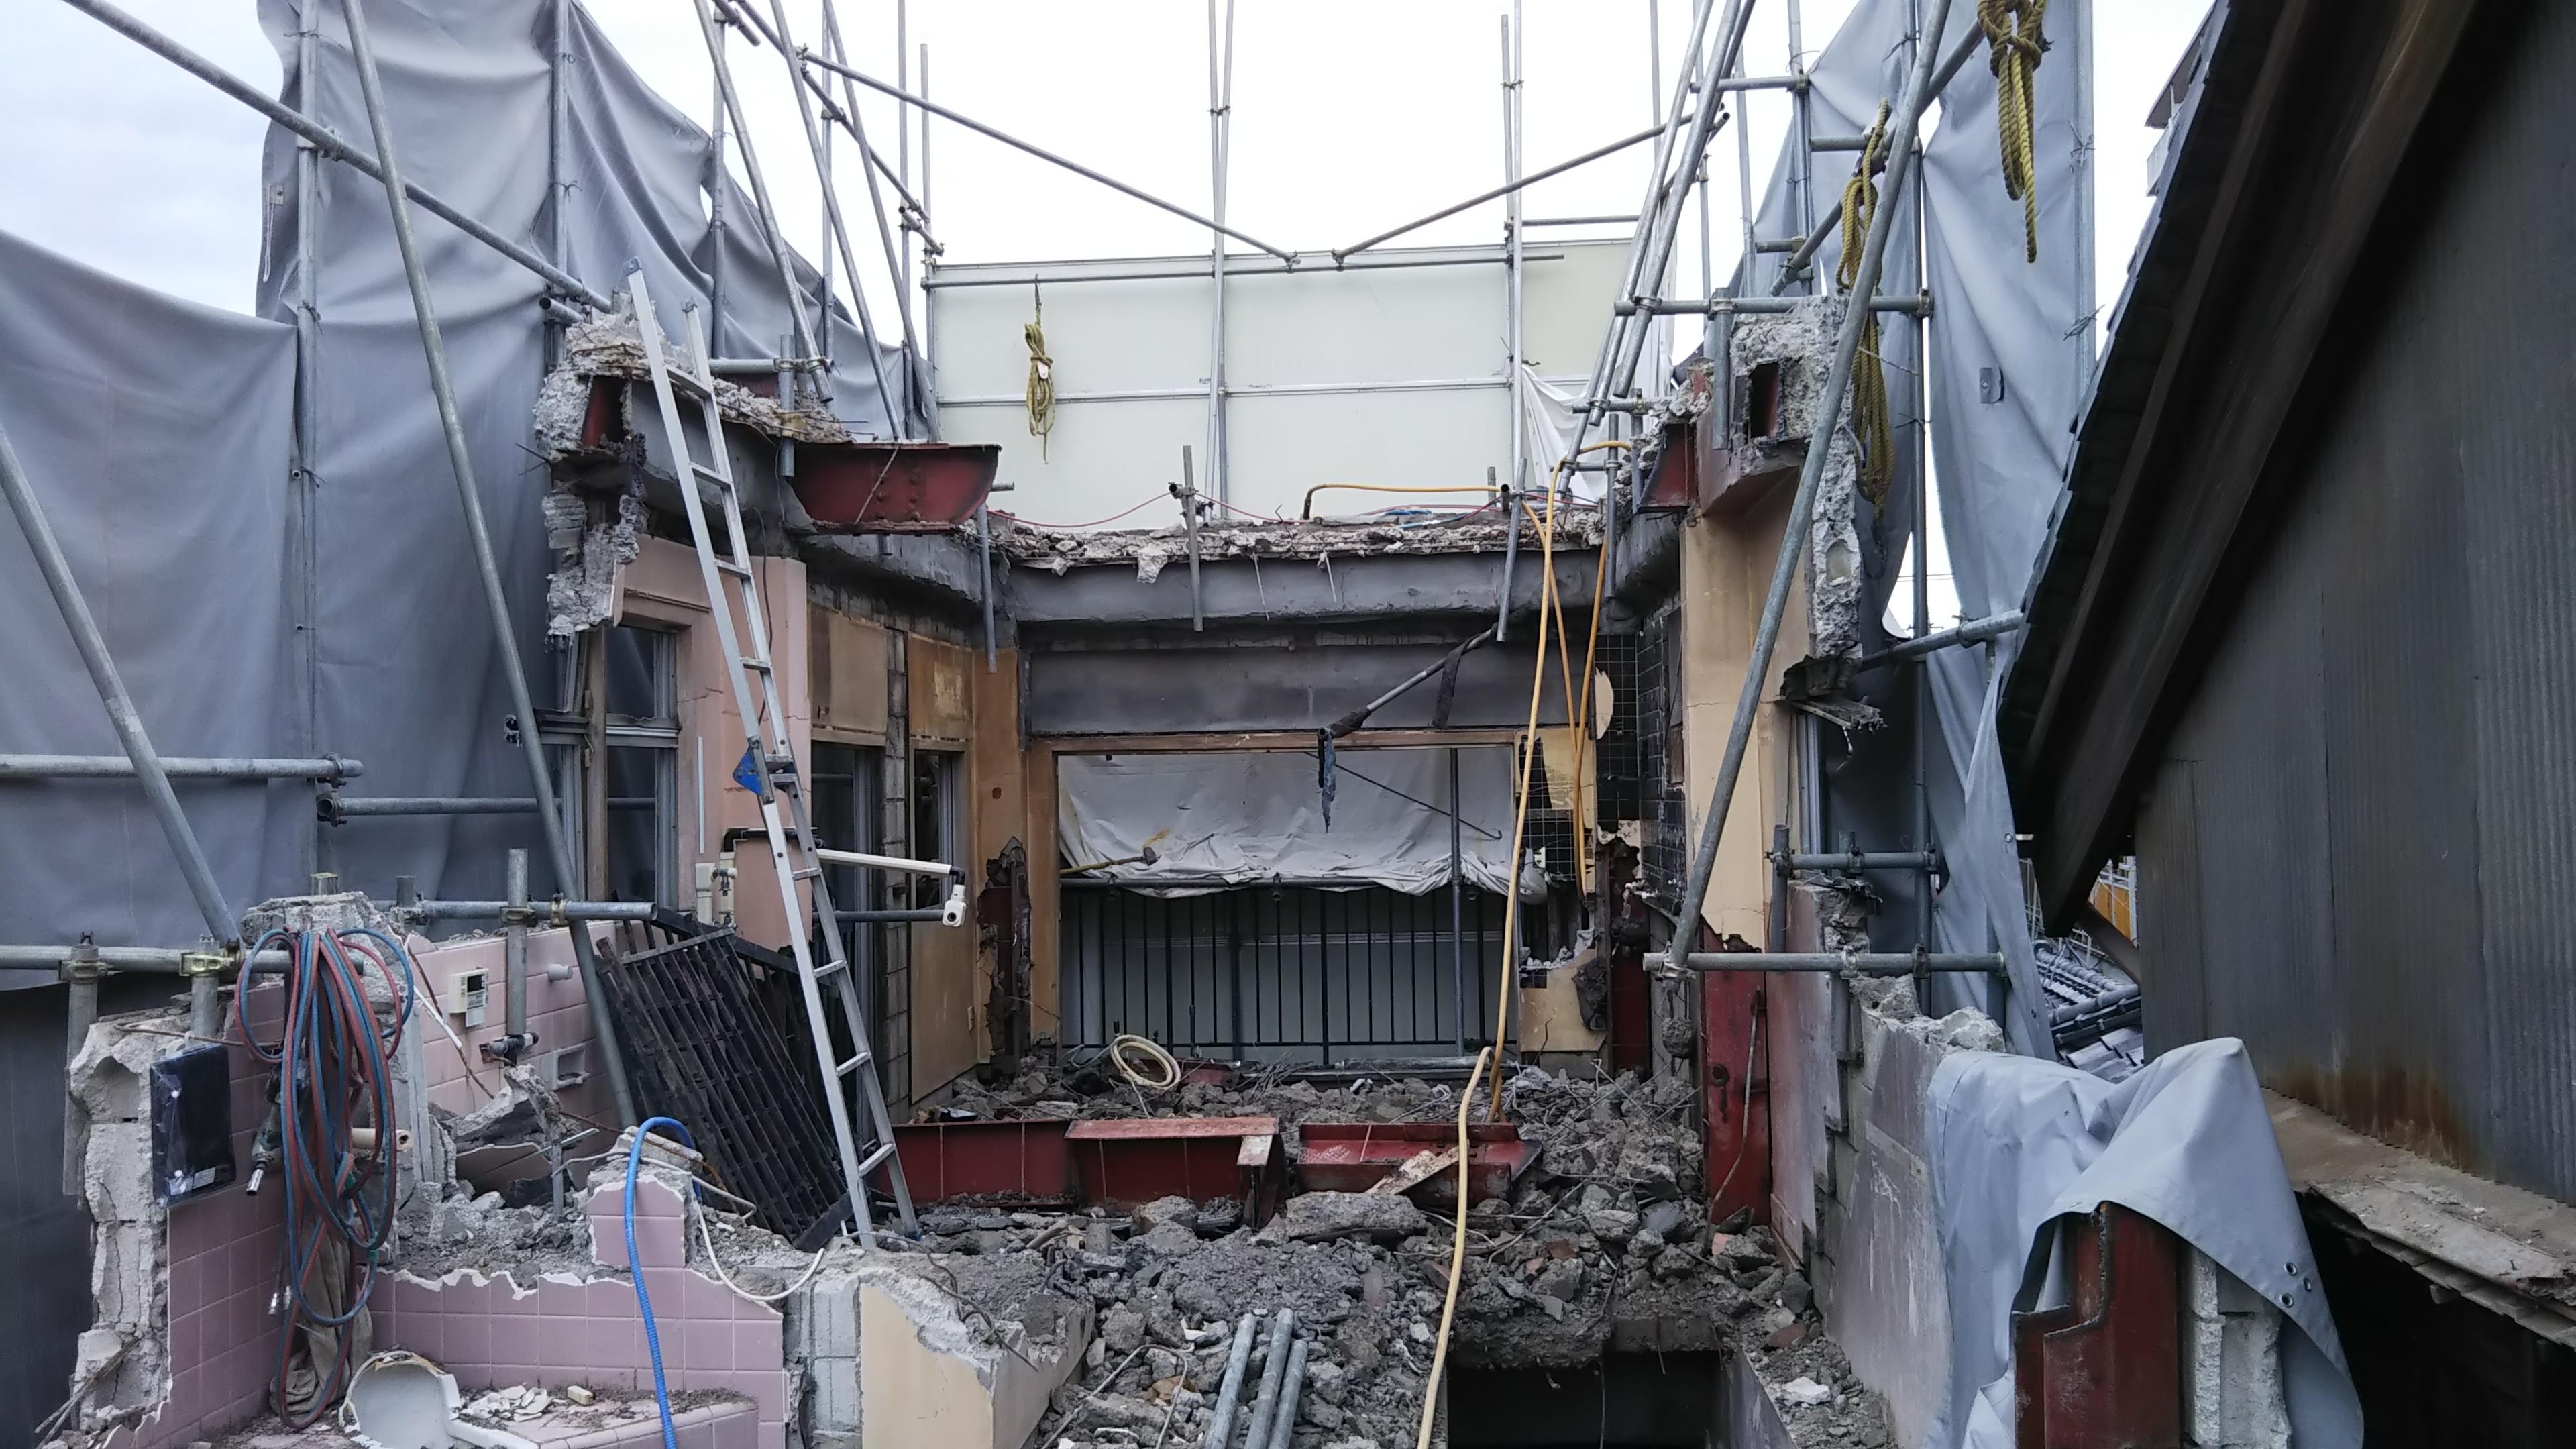 カニヤ様解体工事のアイキャッチ画像